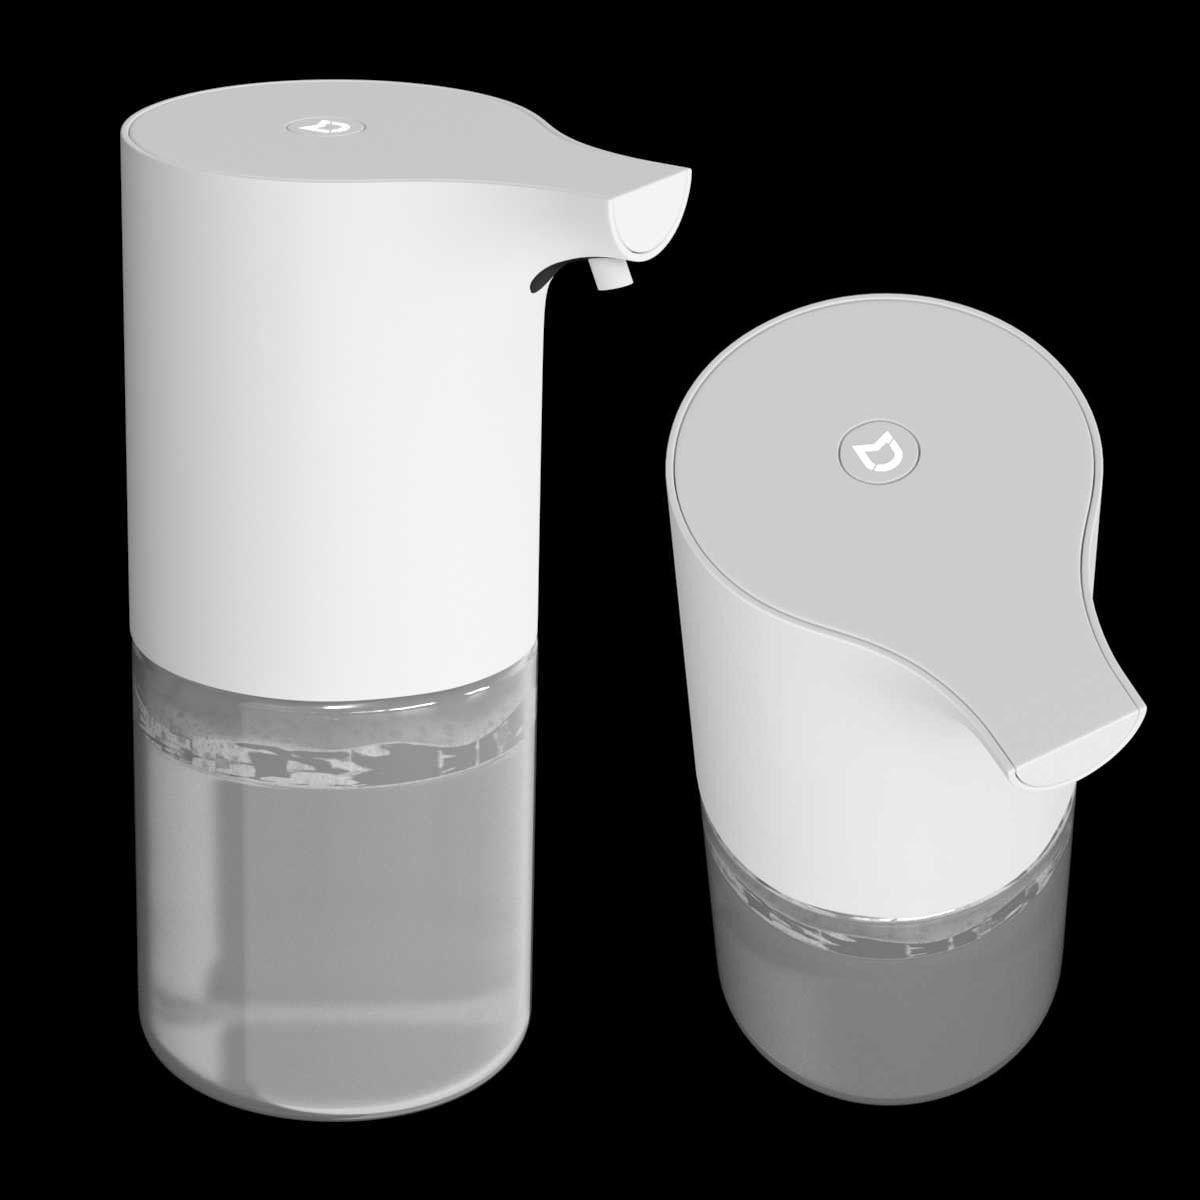 Xiaomi Mijia Automatic Induction Foaming Hand Washer